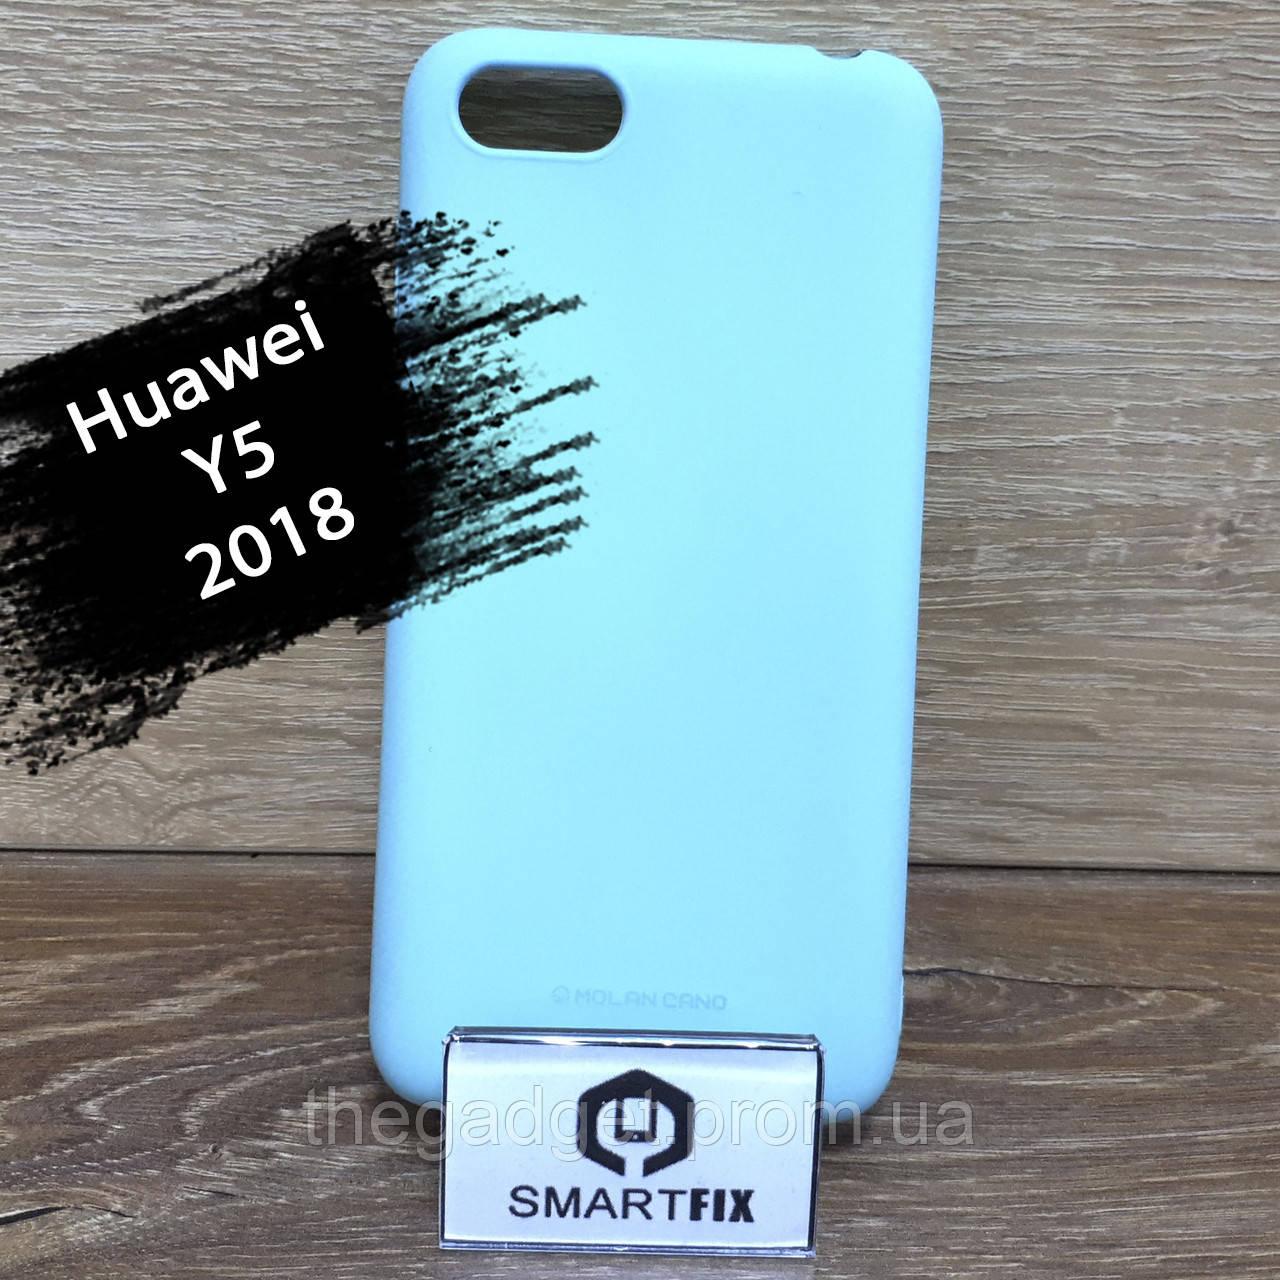 Силіконовий чохол для Huawei Y5 (2018) (DRA-L21)